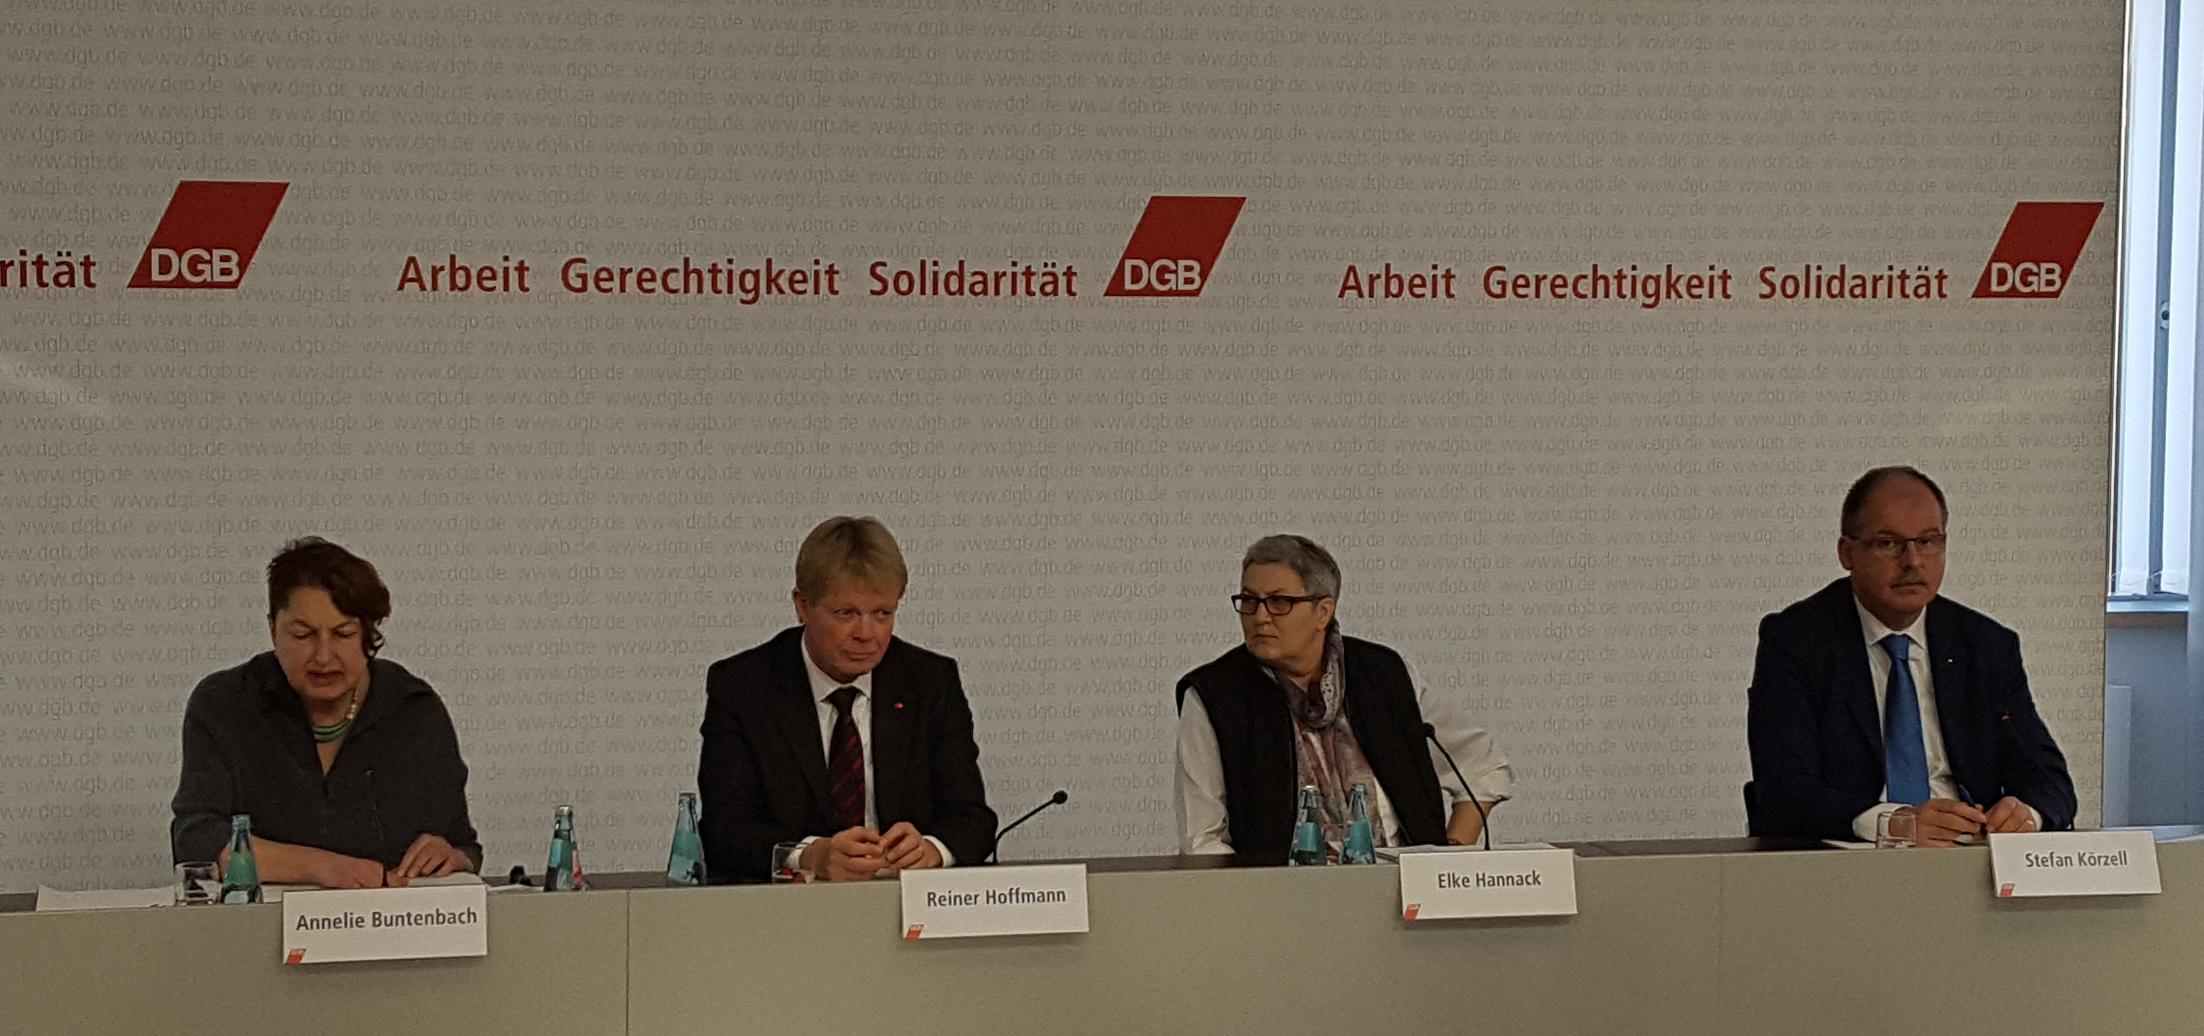 Annelid Buntenbach auf der DGB Jahresauftaktpressekonferenz 2017